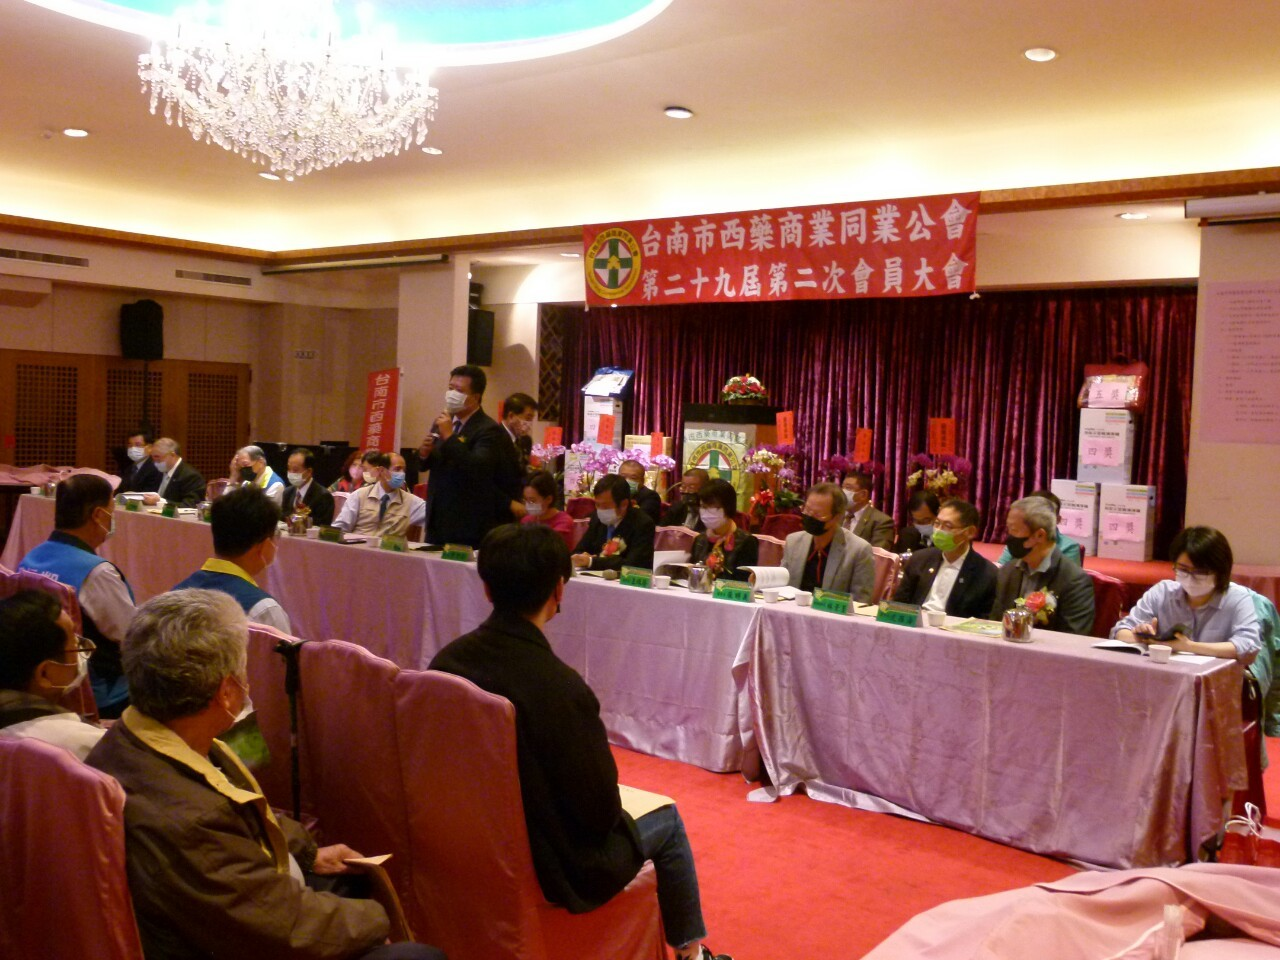 台南市西藥公會第29屆第二次會員大會暨頒發108年度會員子女獎學金_210202_34